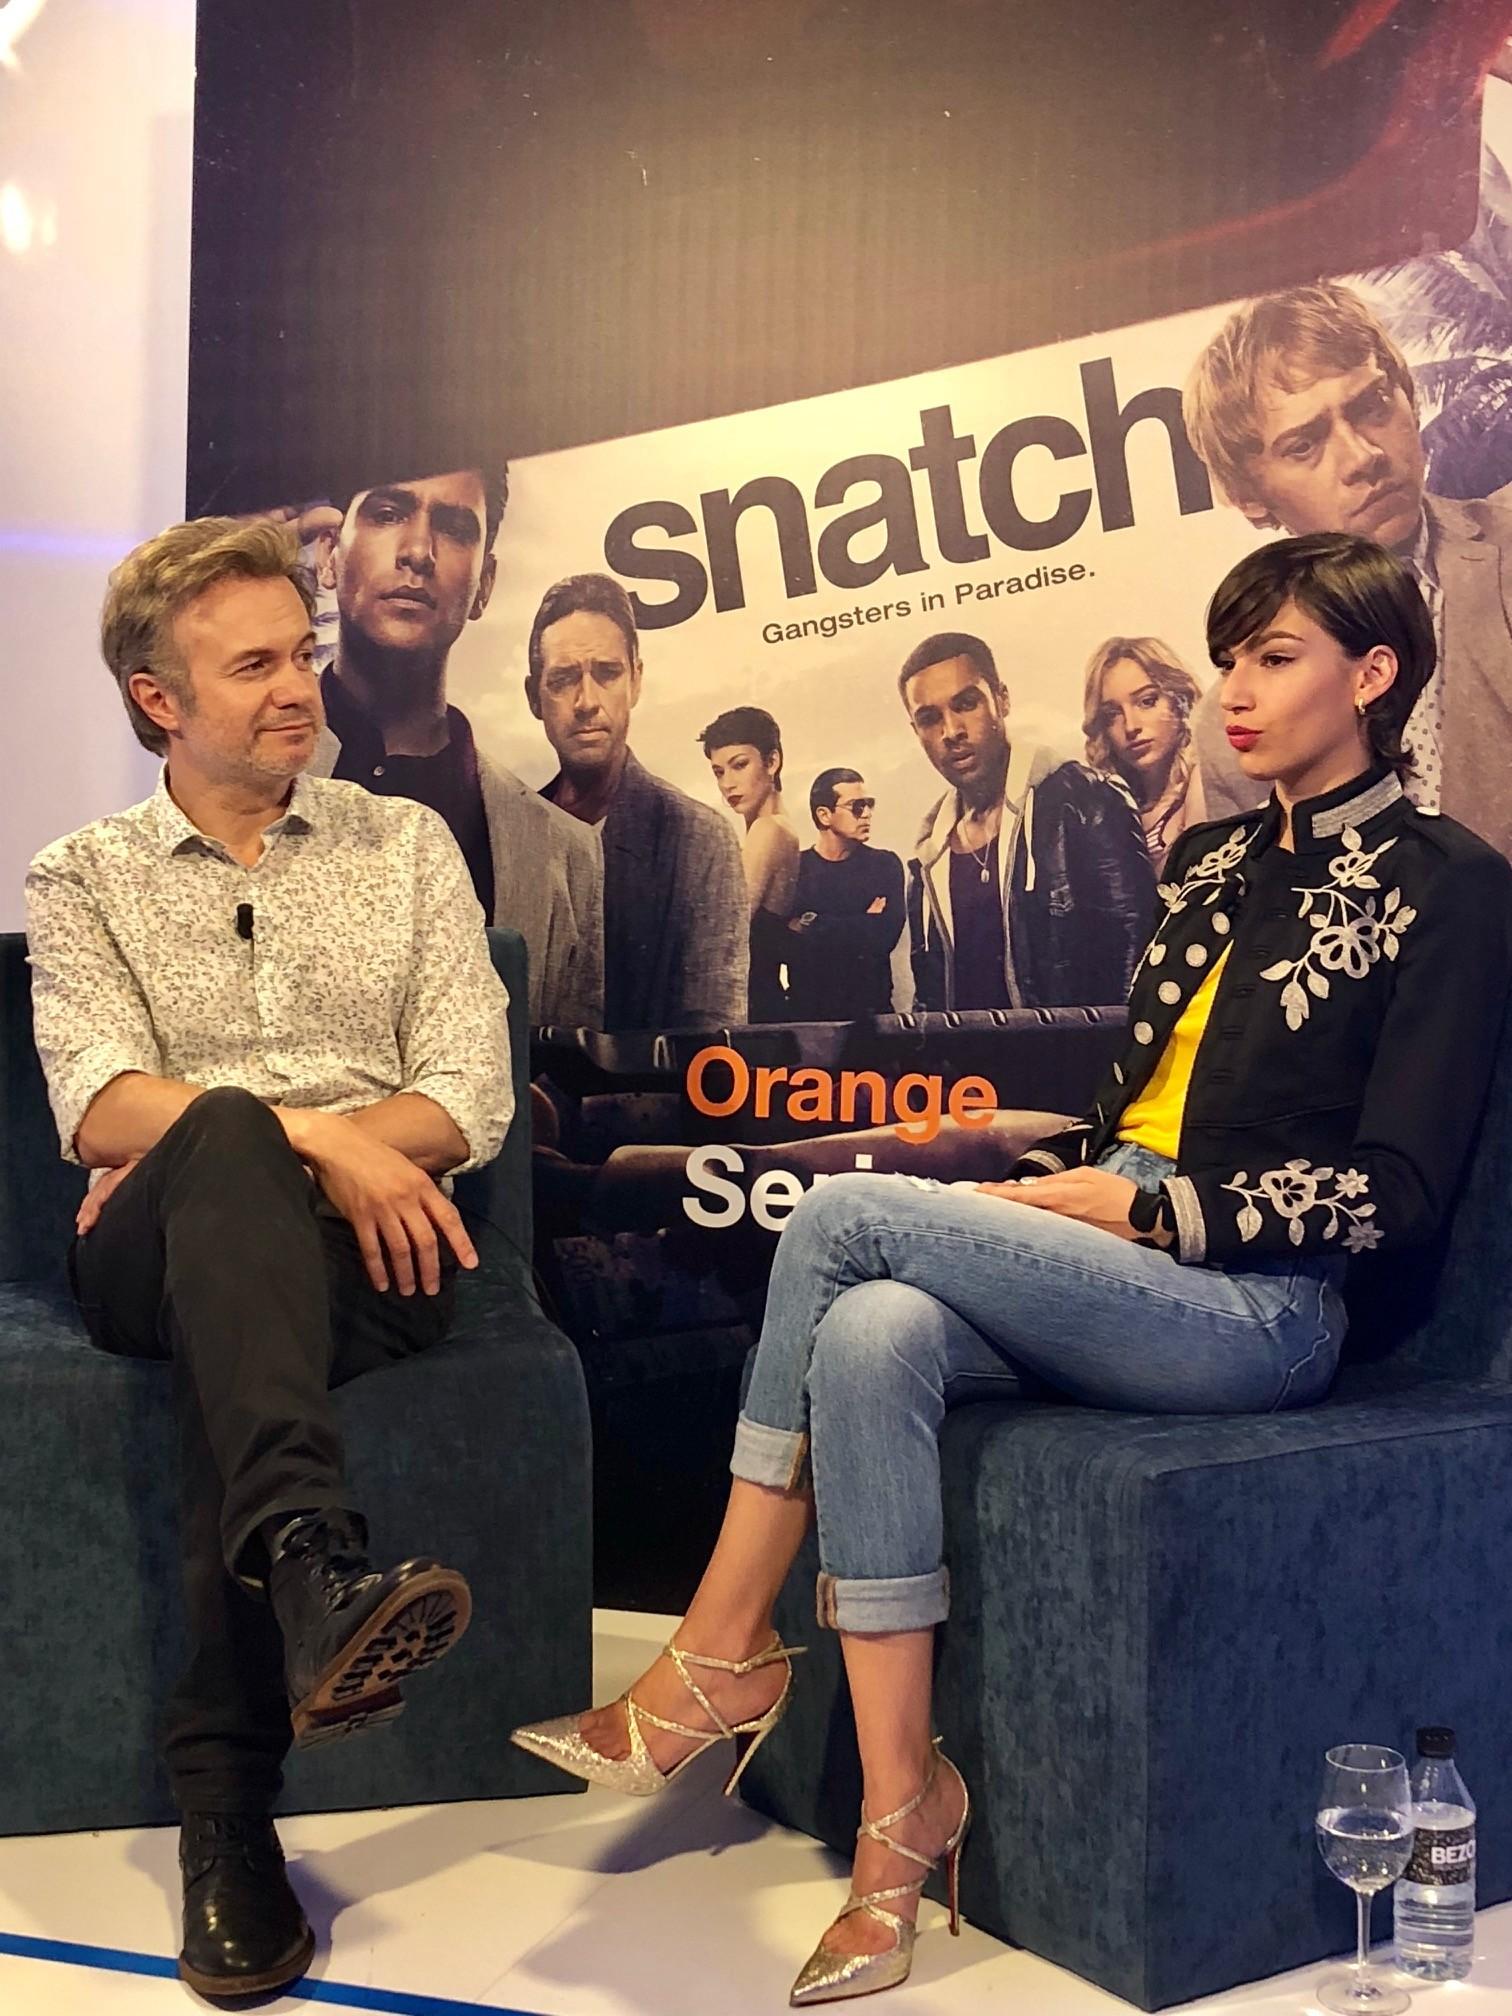 Úrsula Corberó y Tristán Ulloa en la presentación de la segunda temporada de Snatch, que se emitirá en Orange TV